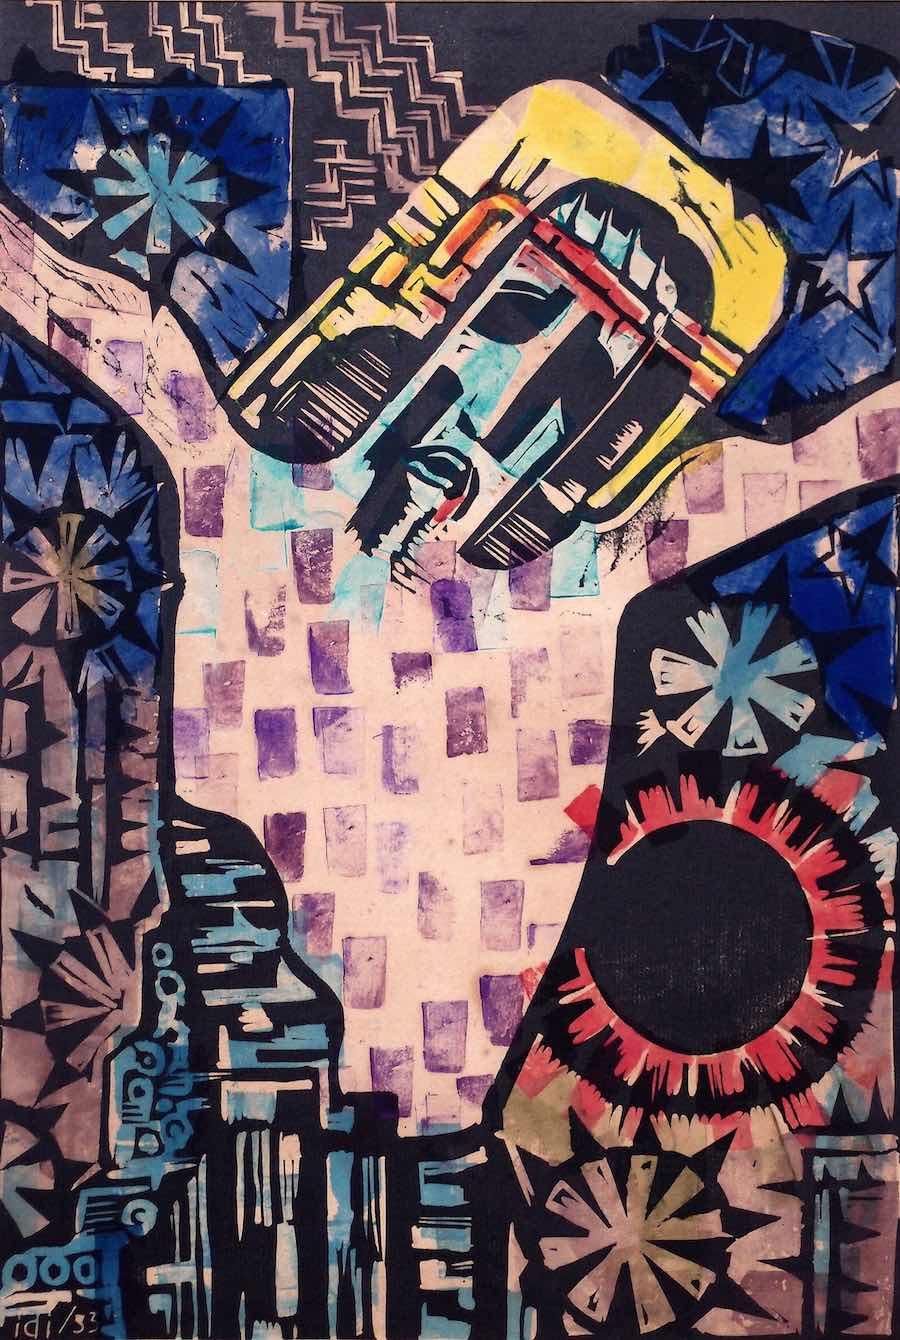 Farbholzschnitt von Alfred Schmidiger aus dem Jahr 1933 mit einer Darstellung der Kreuzigung.